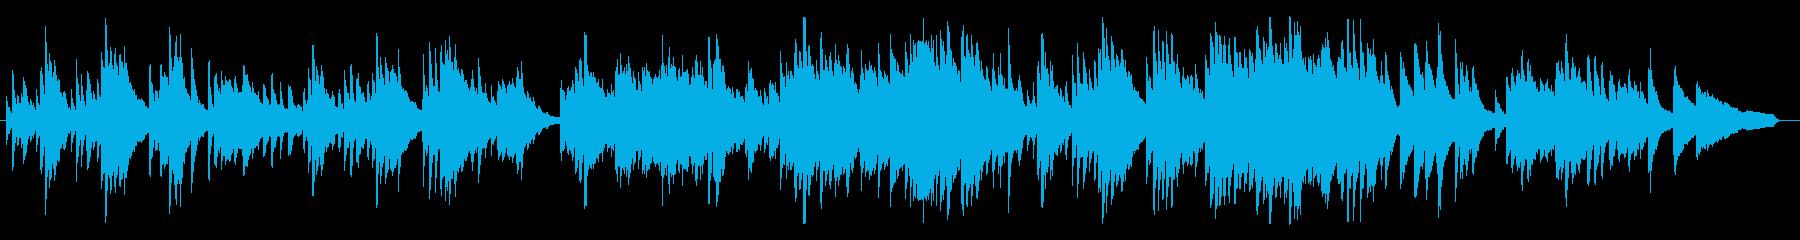 悲しく、叙情的なピアノBGMの再生済みの波形